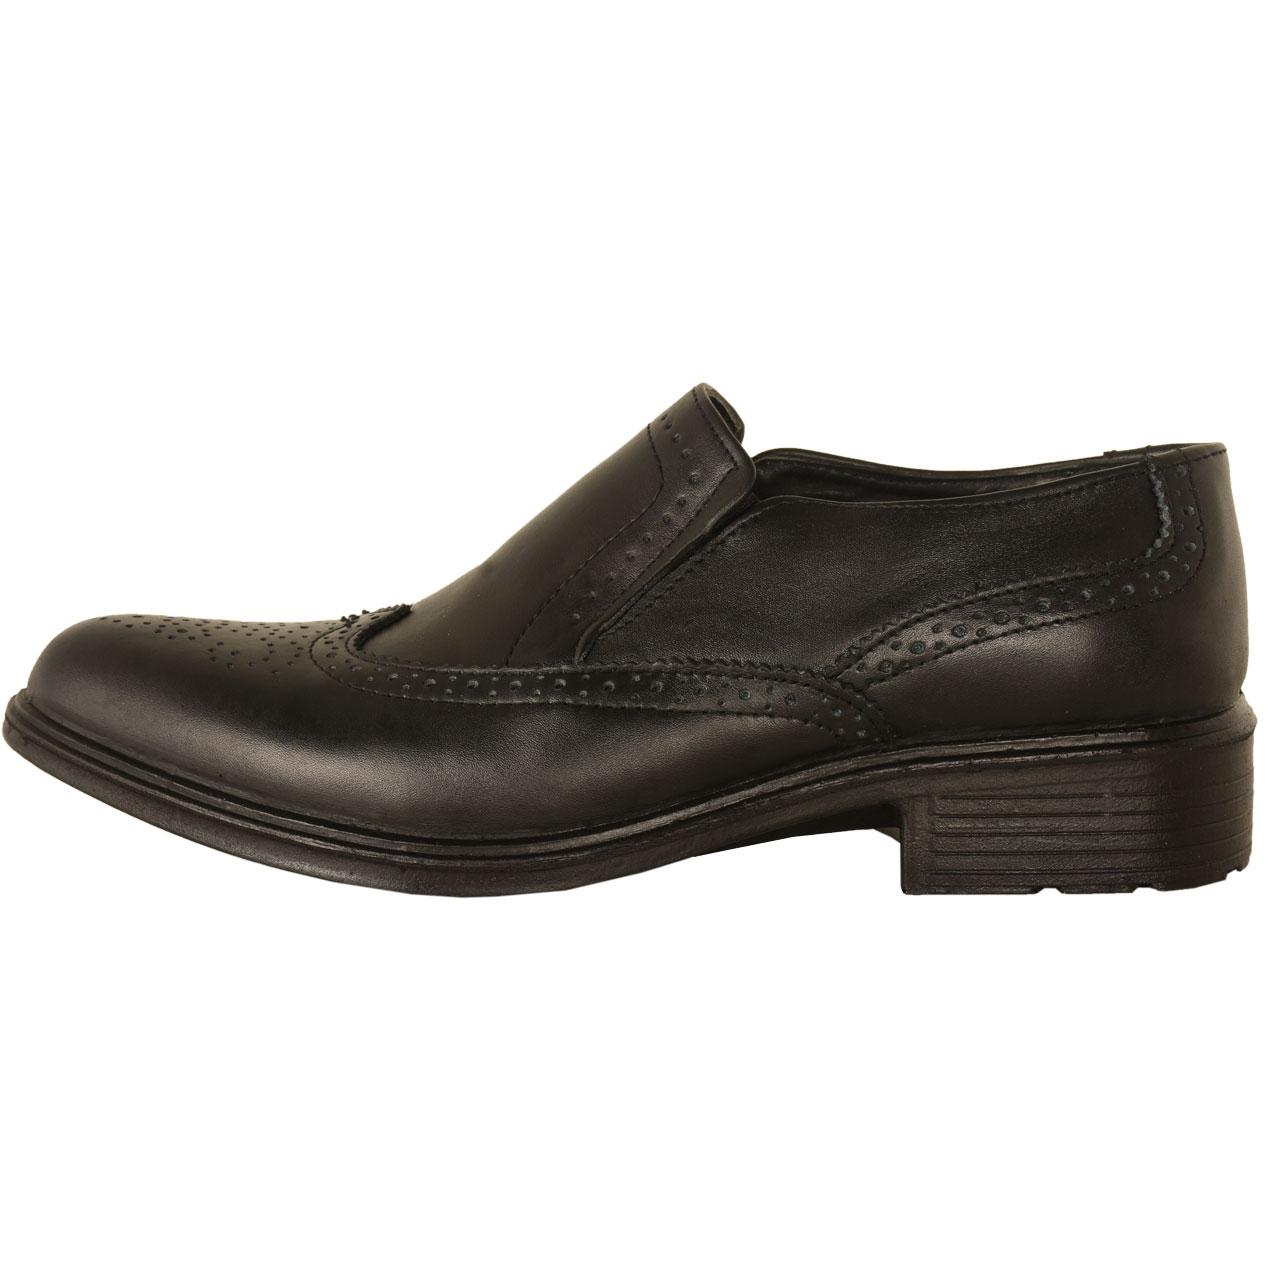 کفش مردانه پارینه مدل SHO129